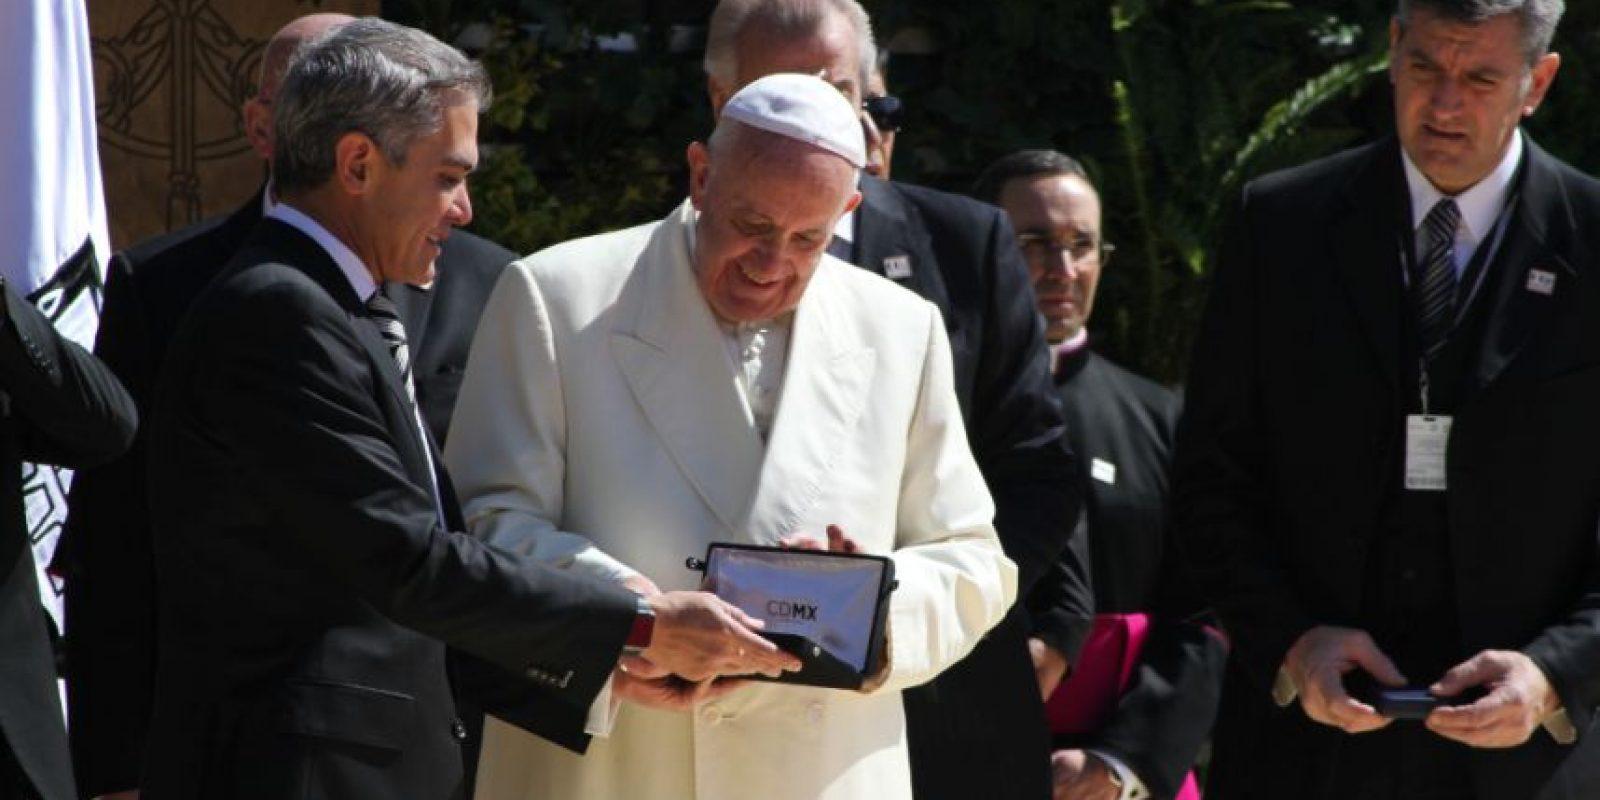 El Papa Francisco recibió la Llave de la CDMX por el jefe de gobierno Miguel Ángel Mancera Foto:Nicolás Corte/ Publimetro